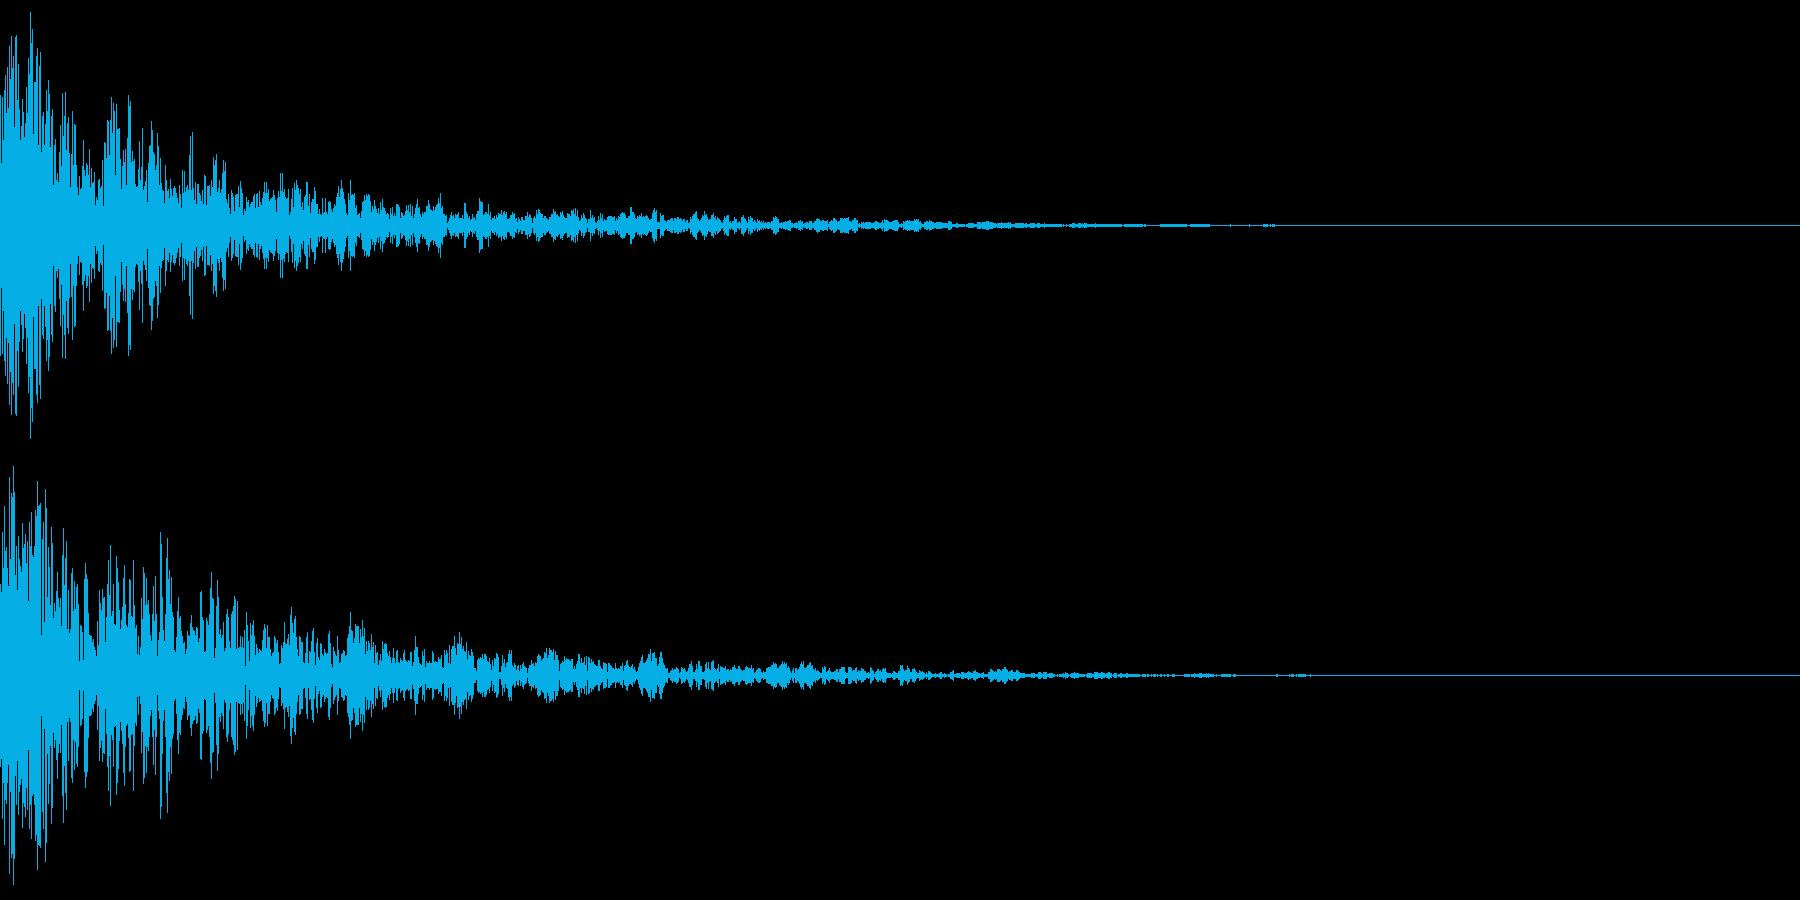 ドーン-53-2(インパクト音)の再生済みの波形